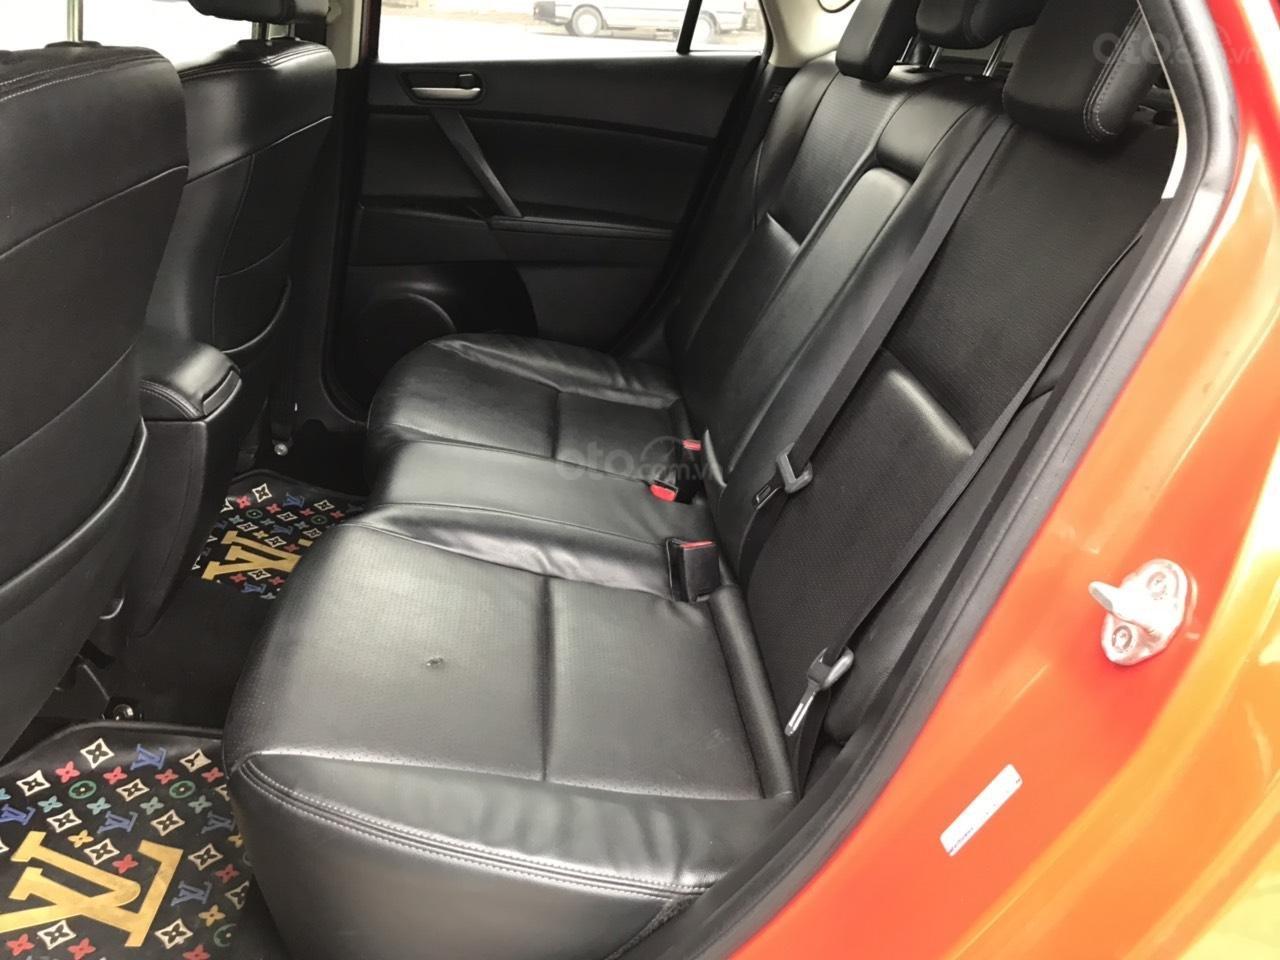 Bán Mazda 3 Hatchback sx 2010, màu đỏ, nhập khẩu (6)